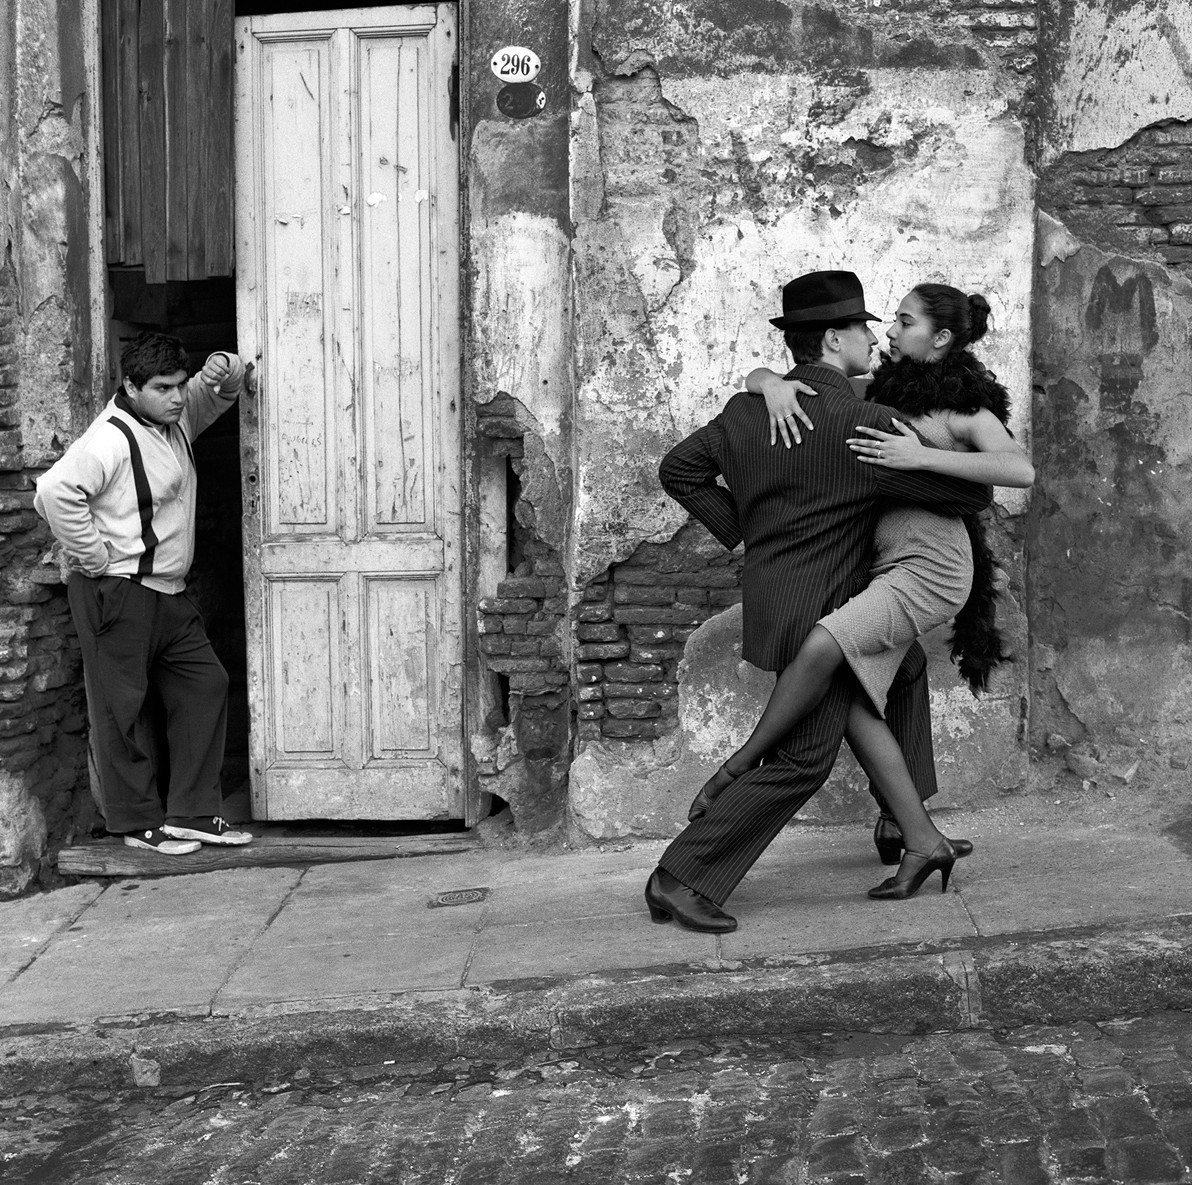 Из фотопроекта «Танго, 1989». Автор Изабель Муньос